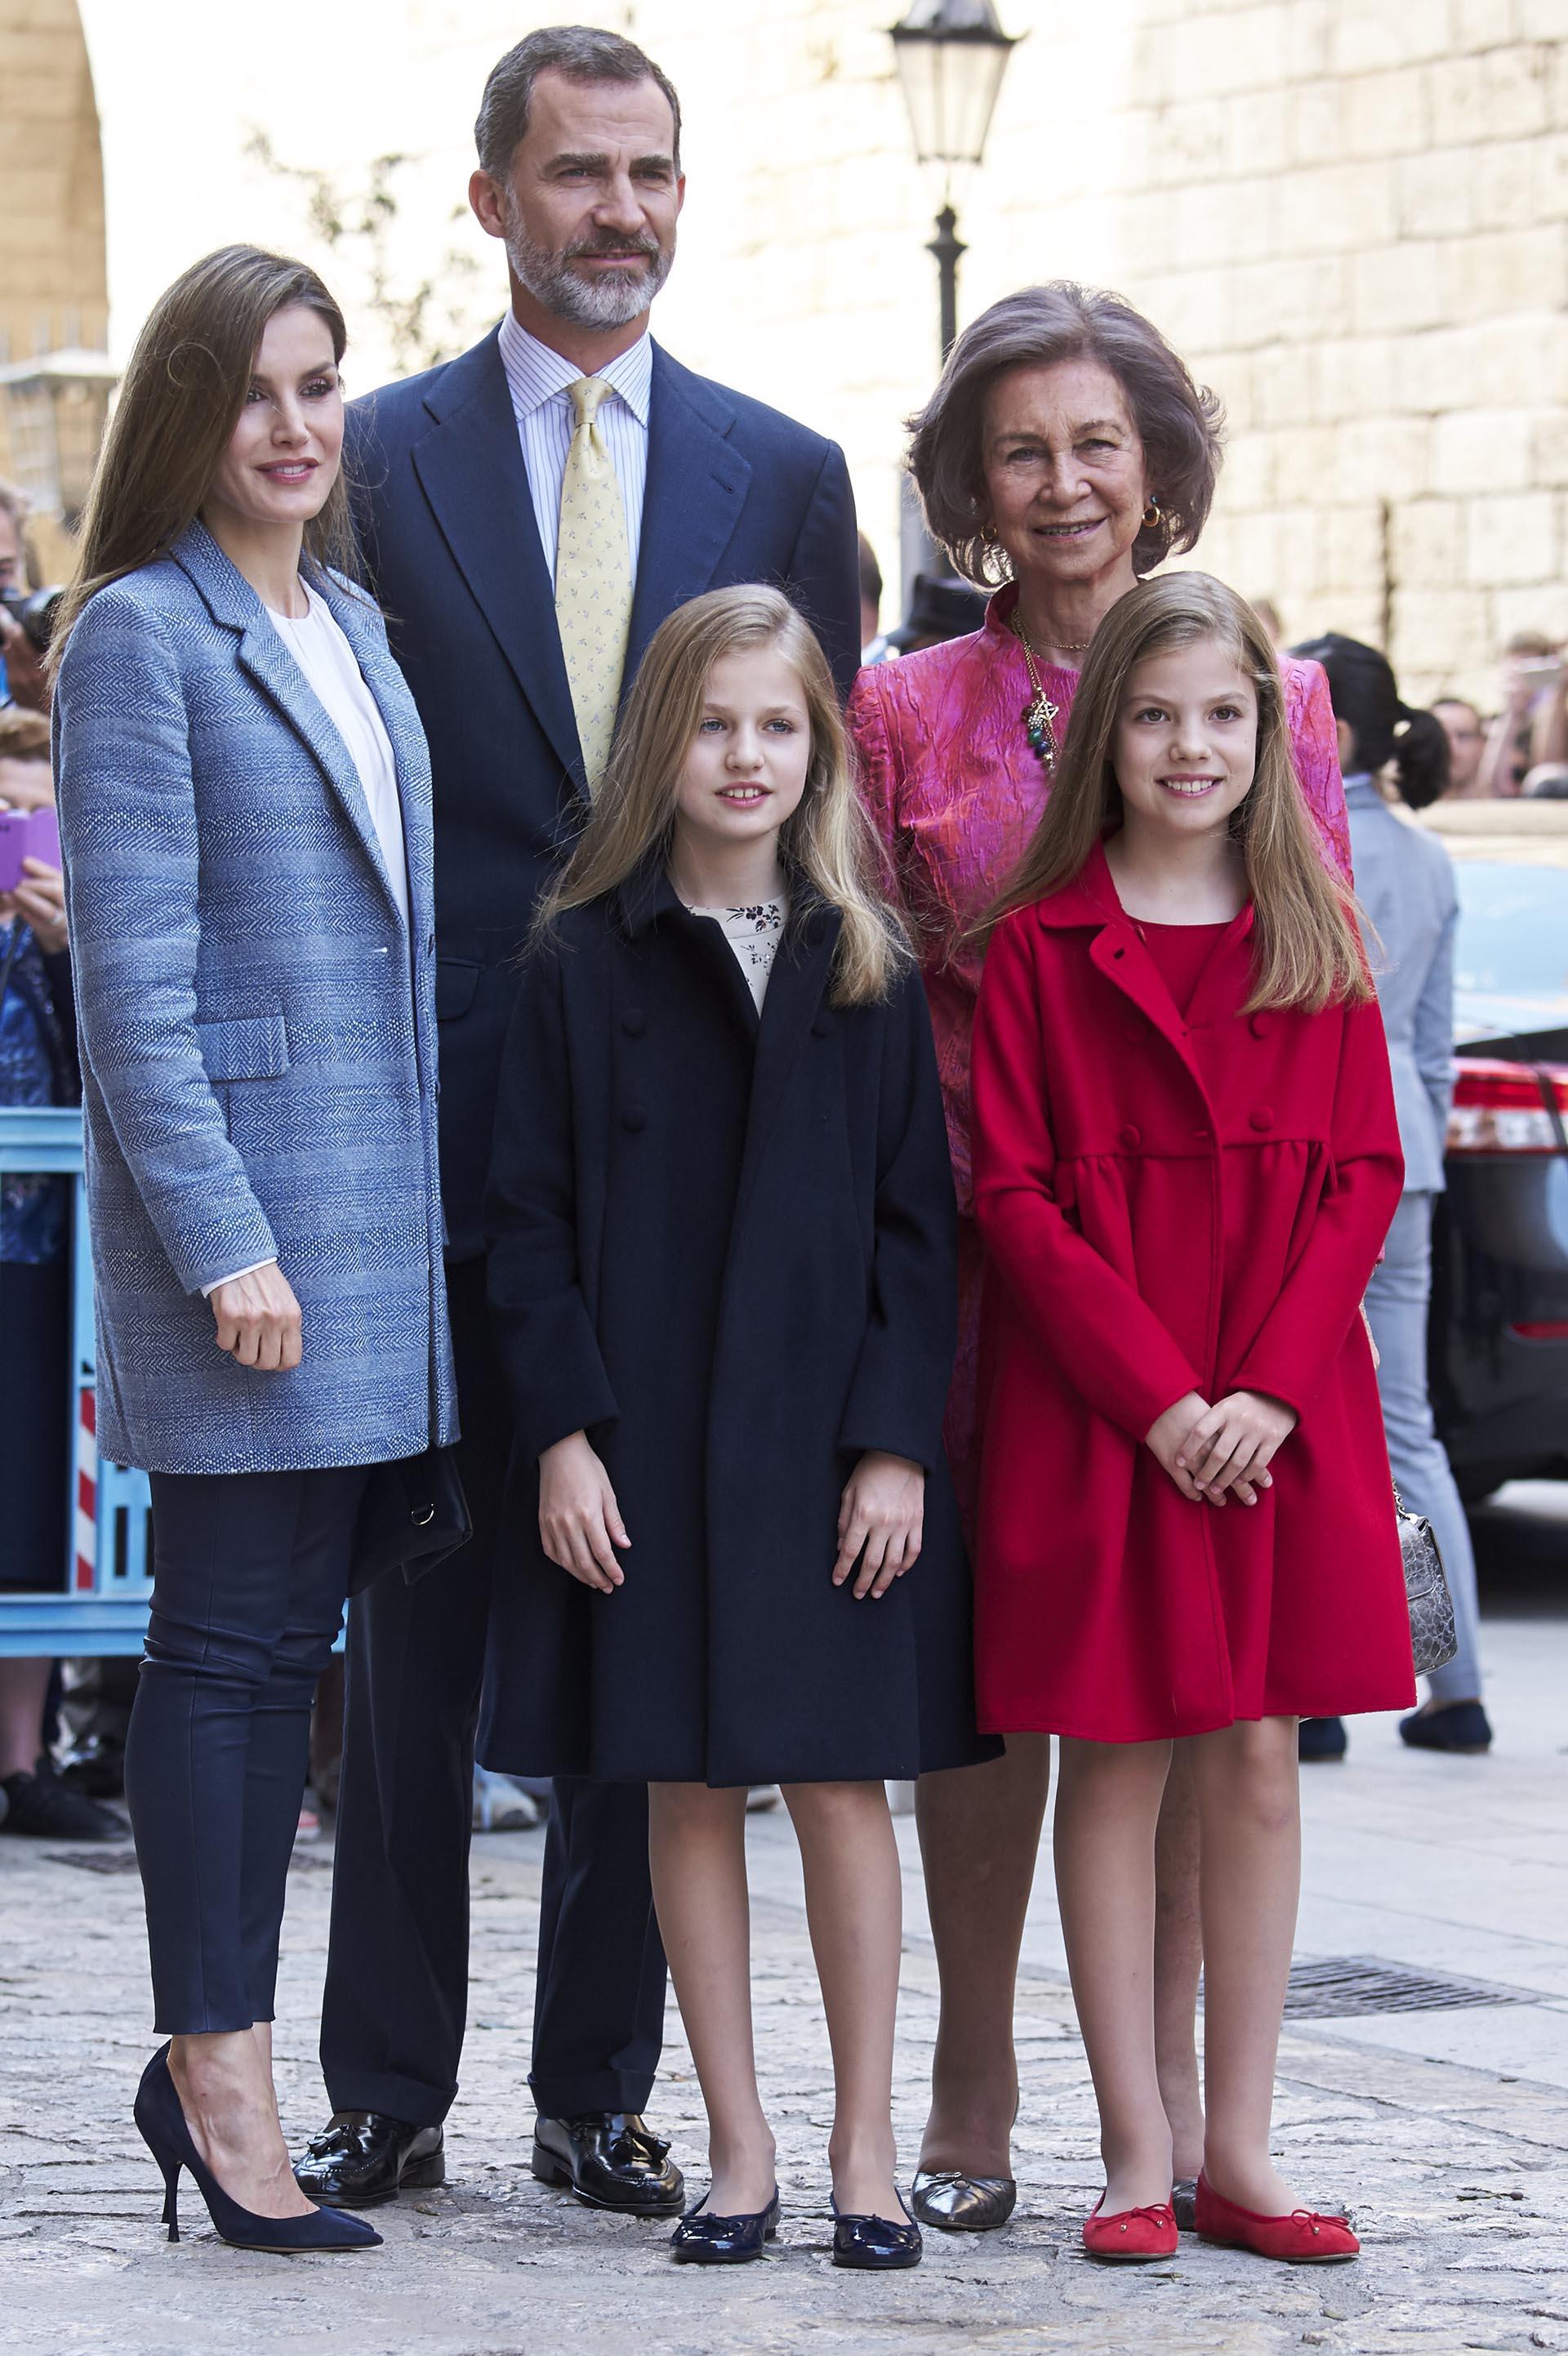 La monarca, de 44 años, eligió un look más informal que el de su suegra: un tapado de verano color celeste, pantalón azul al tobillo y sus infaltables stilettos